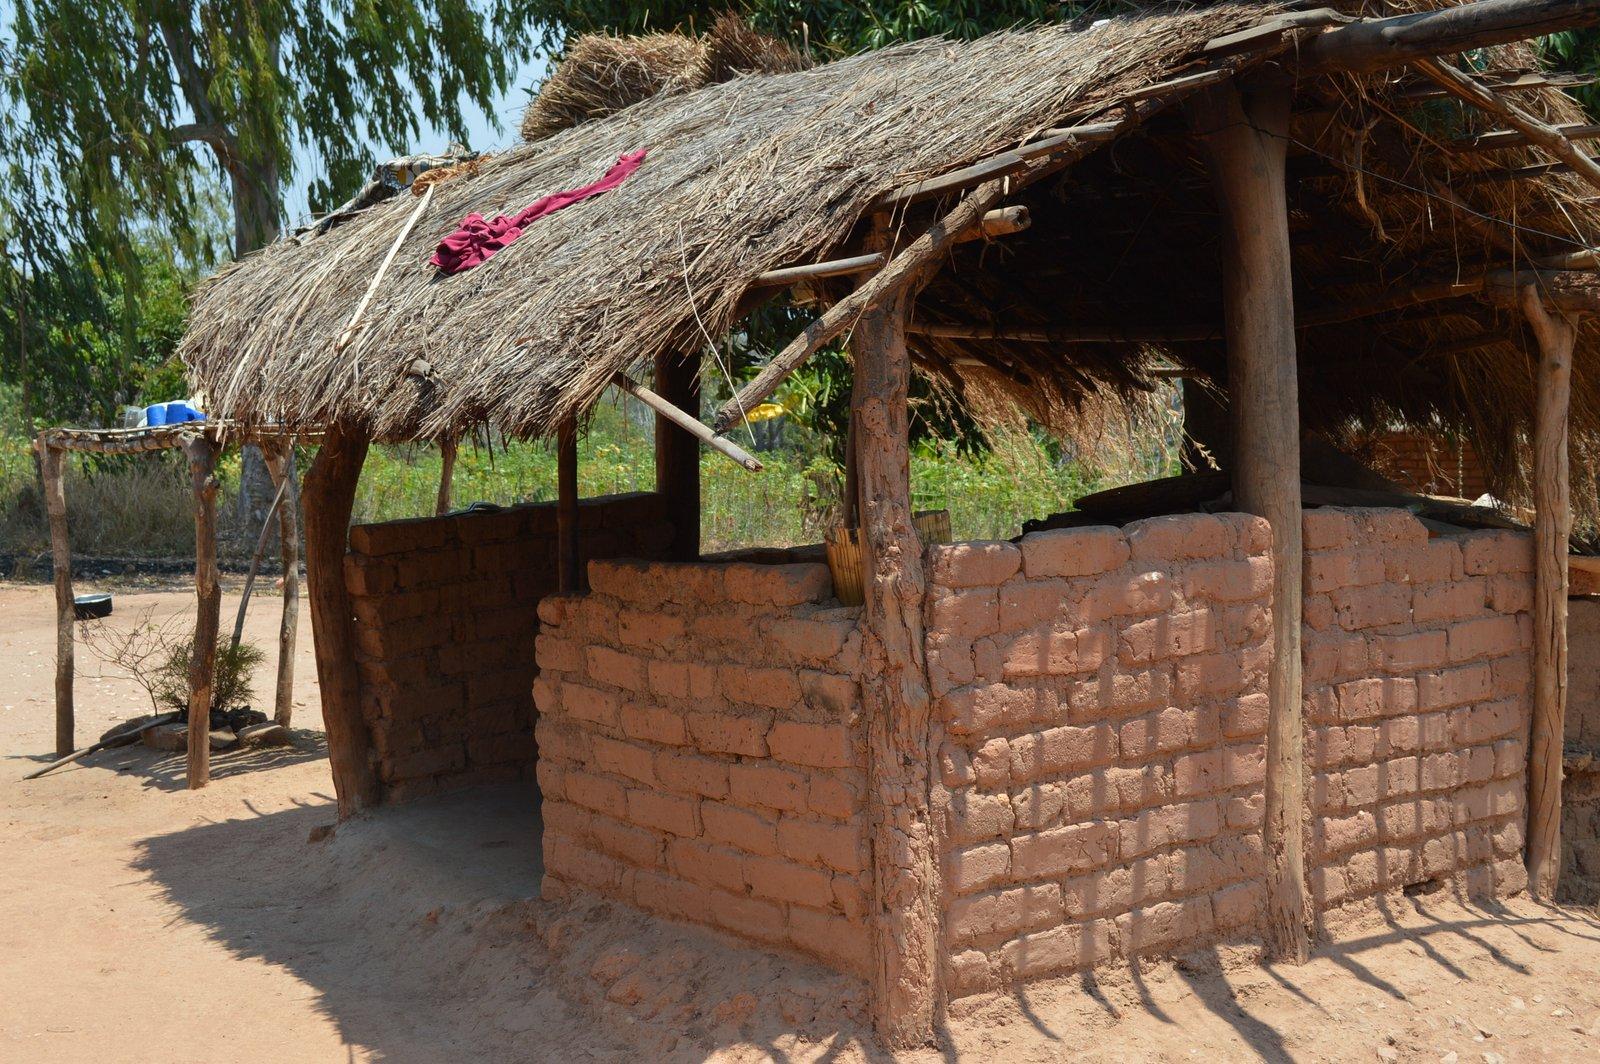 Khombedza, Nkhata Bay (10).JPG